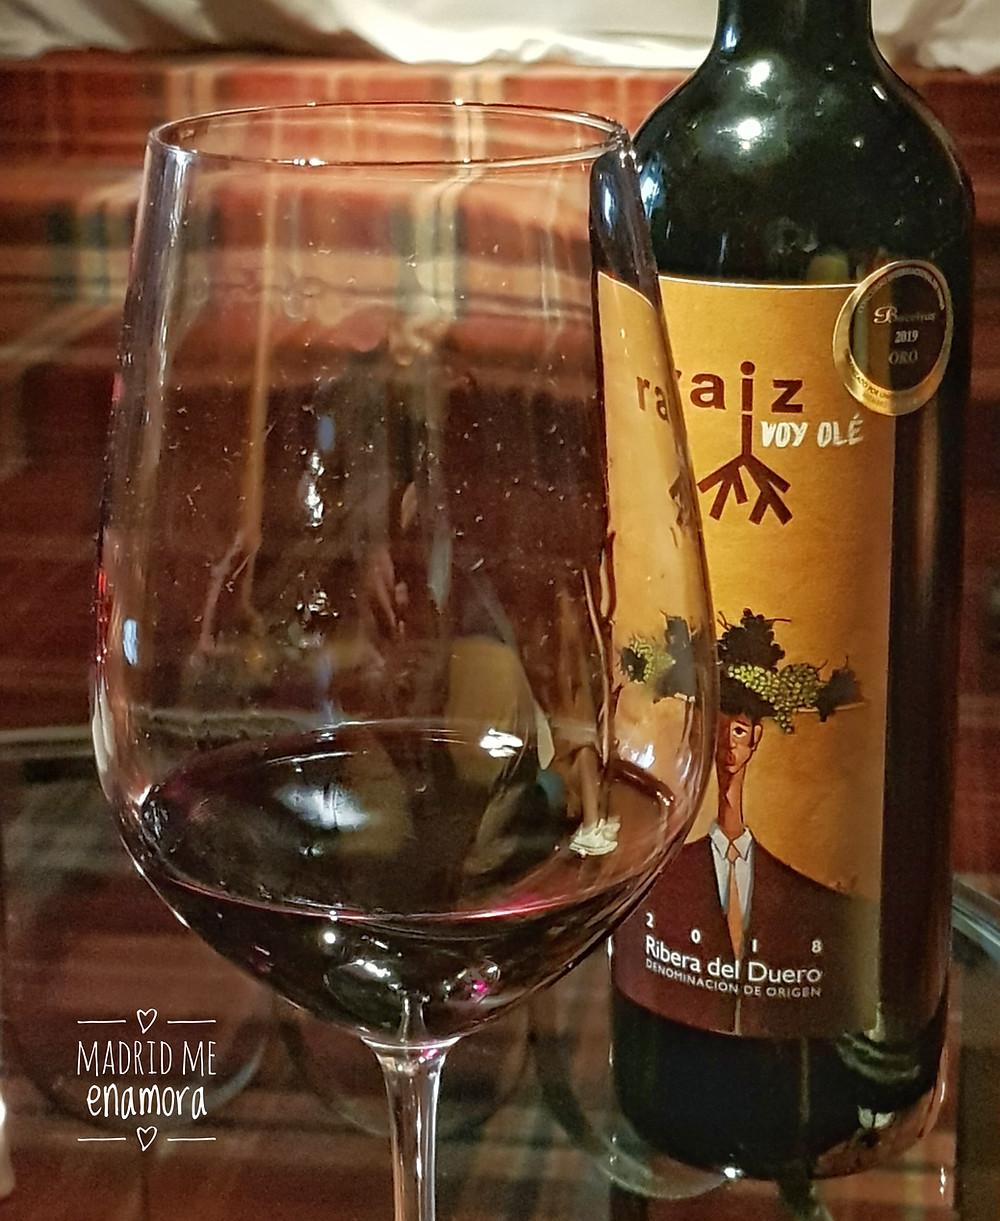 Raíz Voy Olé, vino recomendado por www.madridmeenamora.com